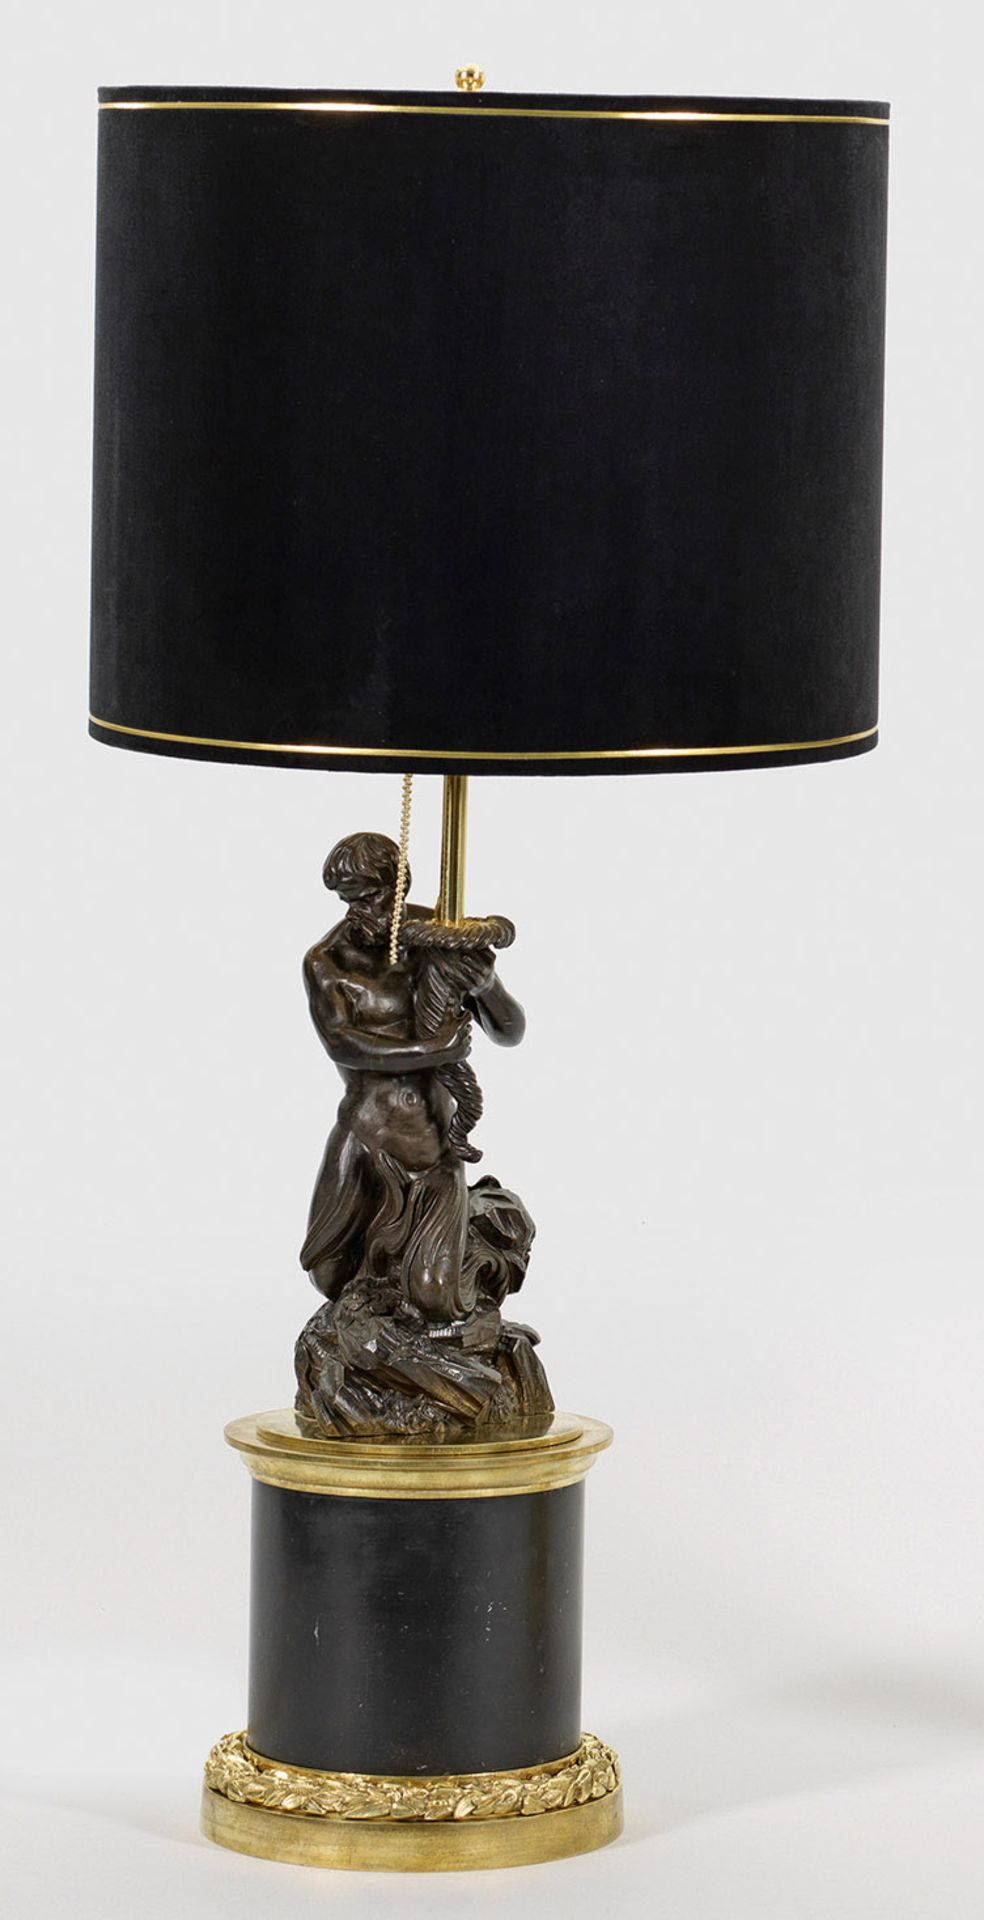 Große repräsentative Napoleon III-Skulpturenlampe